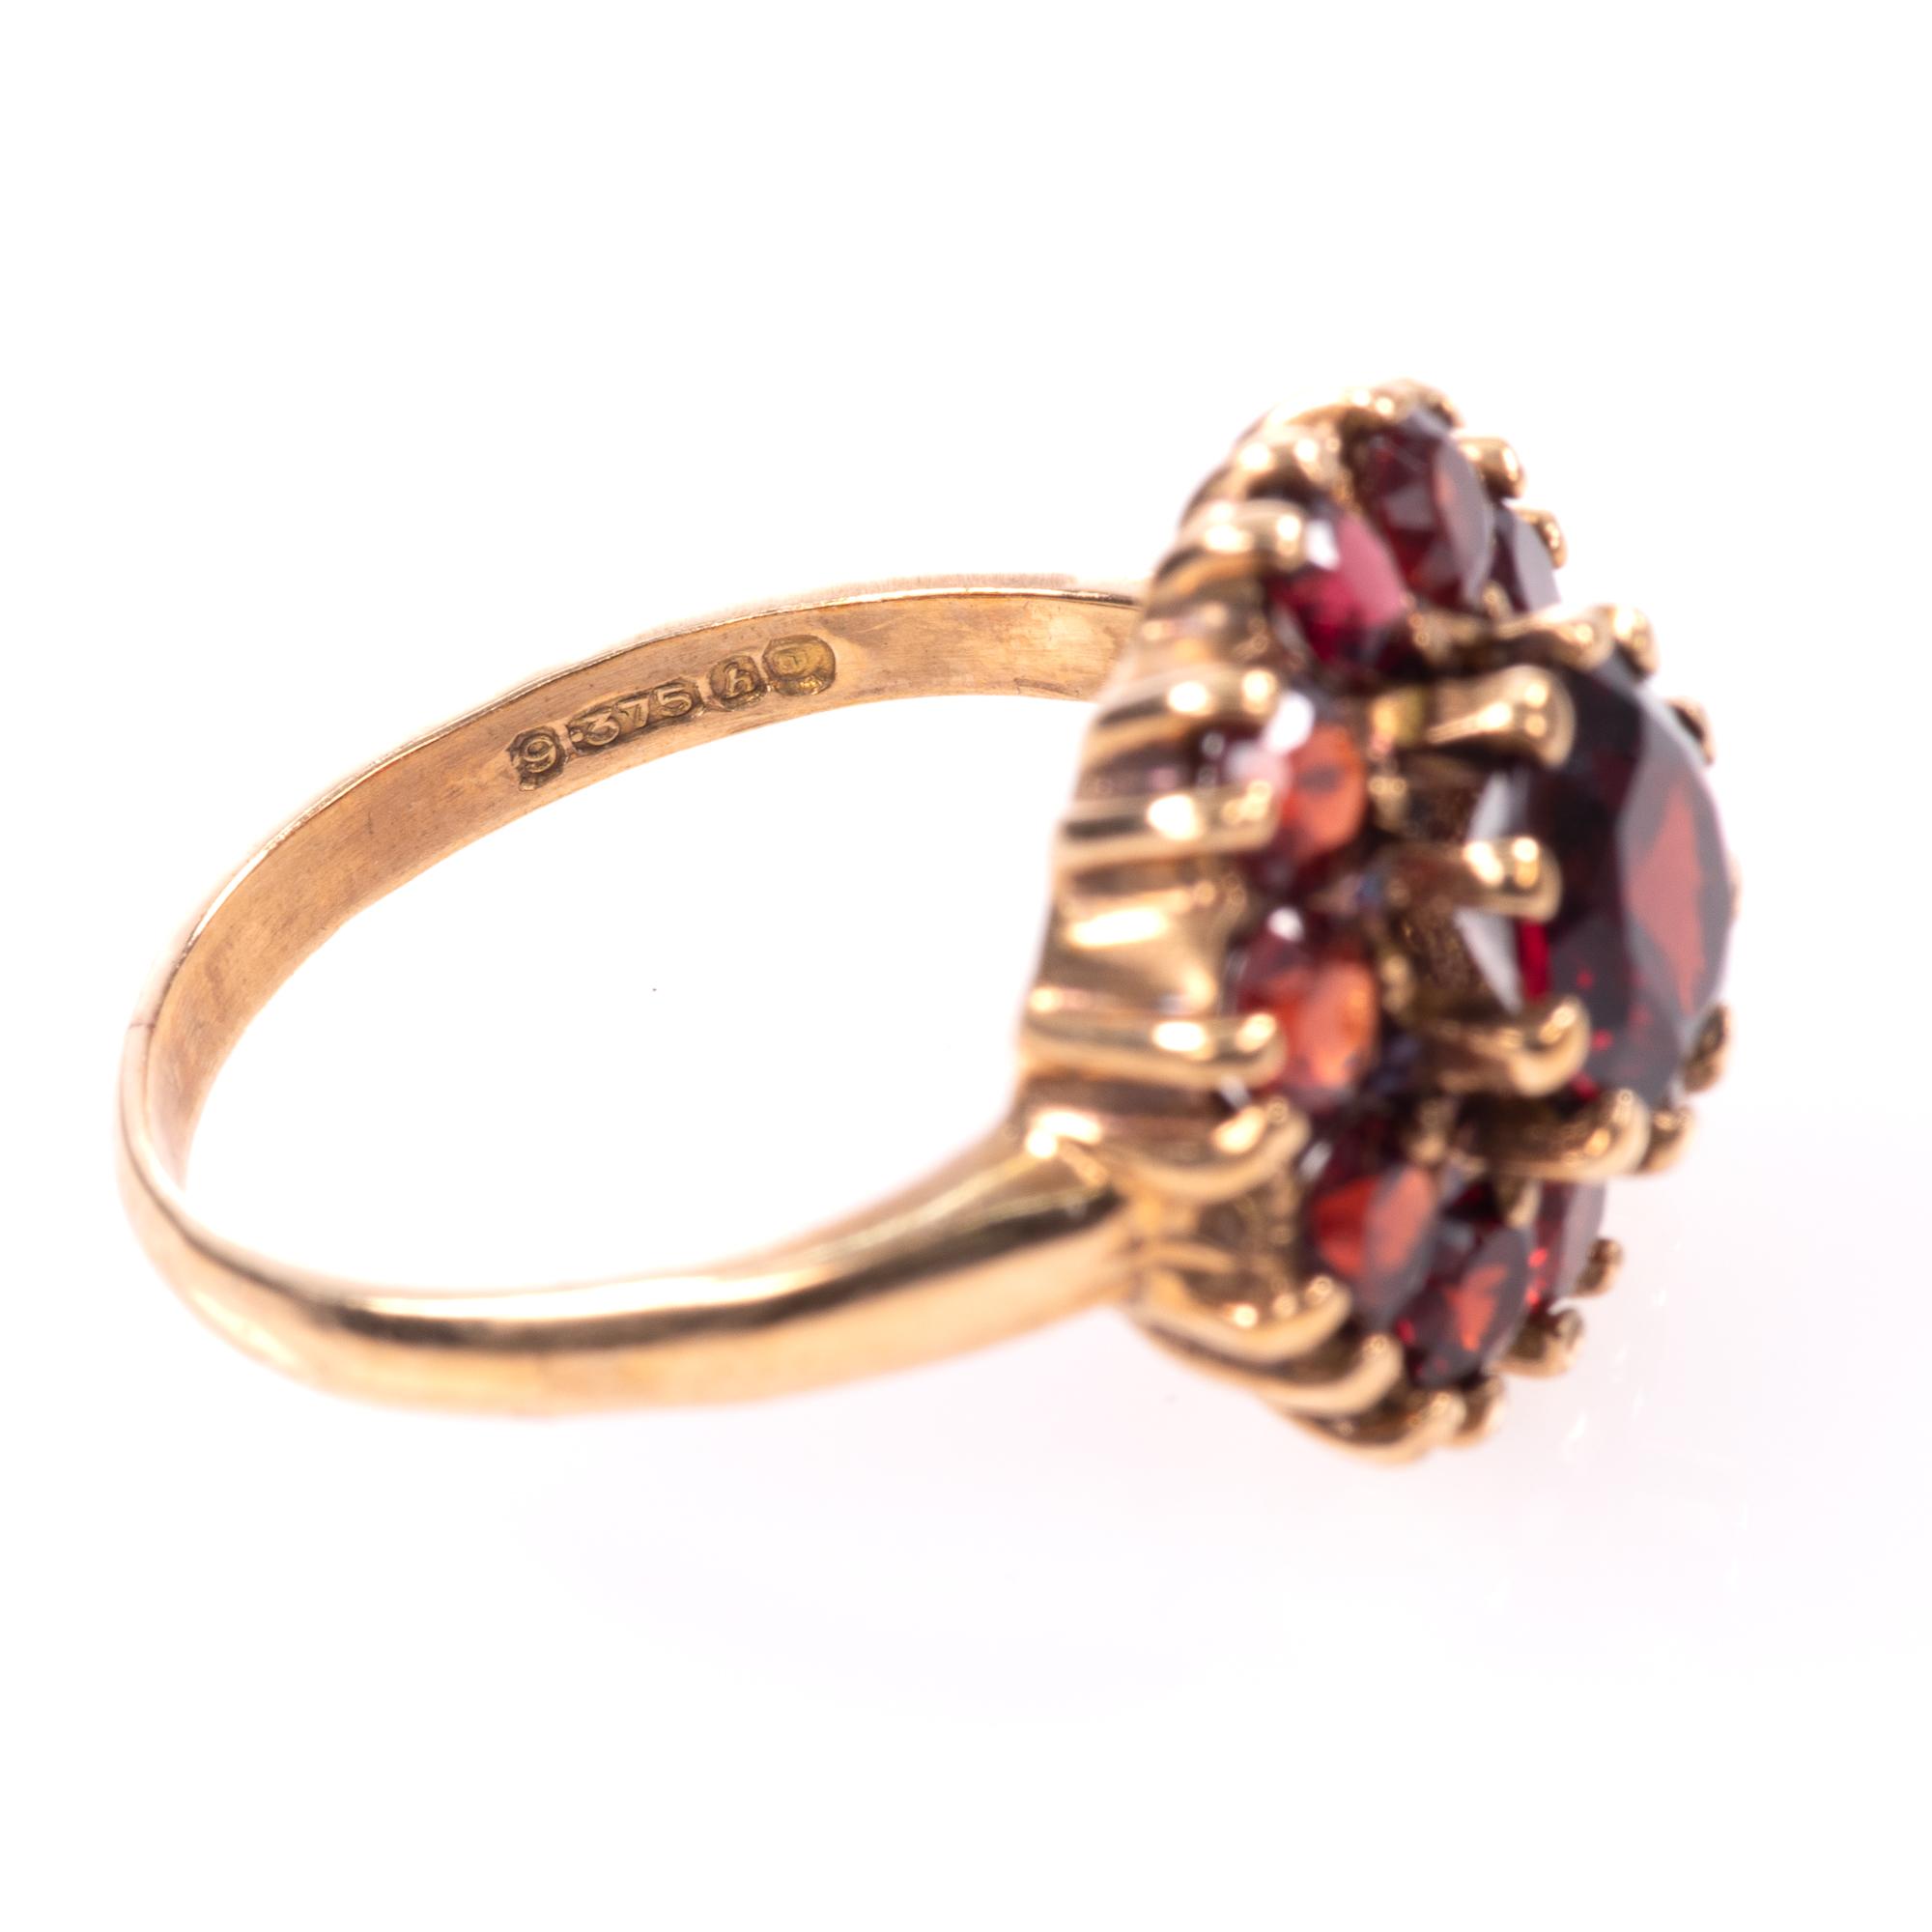 9ct Gold Garnet Ring London 1963 - Image 8 of 8